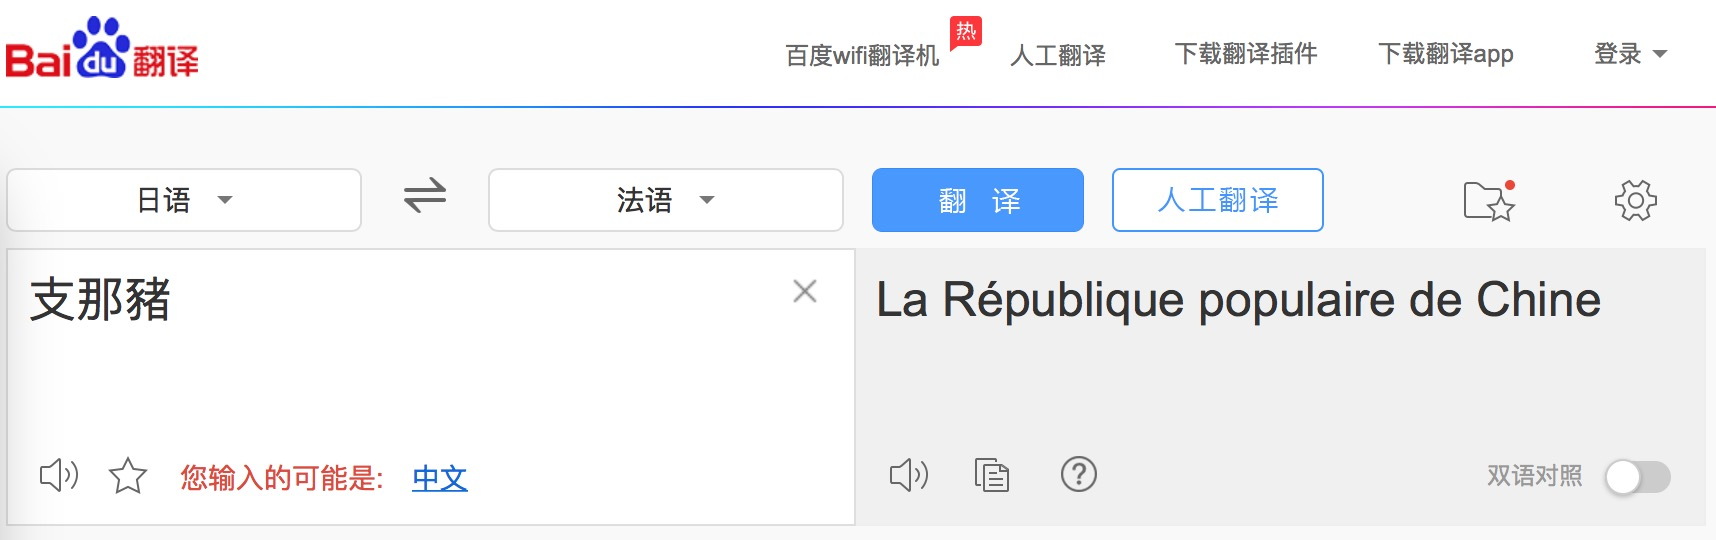 """什么情况?百度竟然把日语""""支那豬""""翻译成中国"""